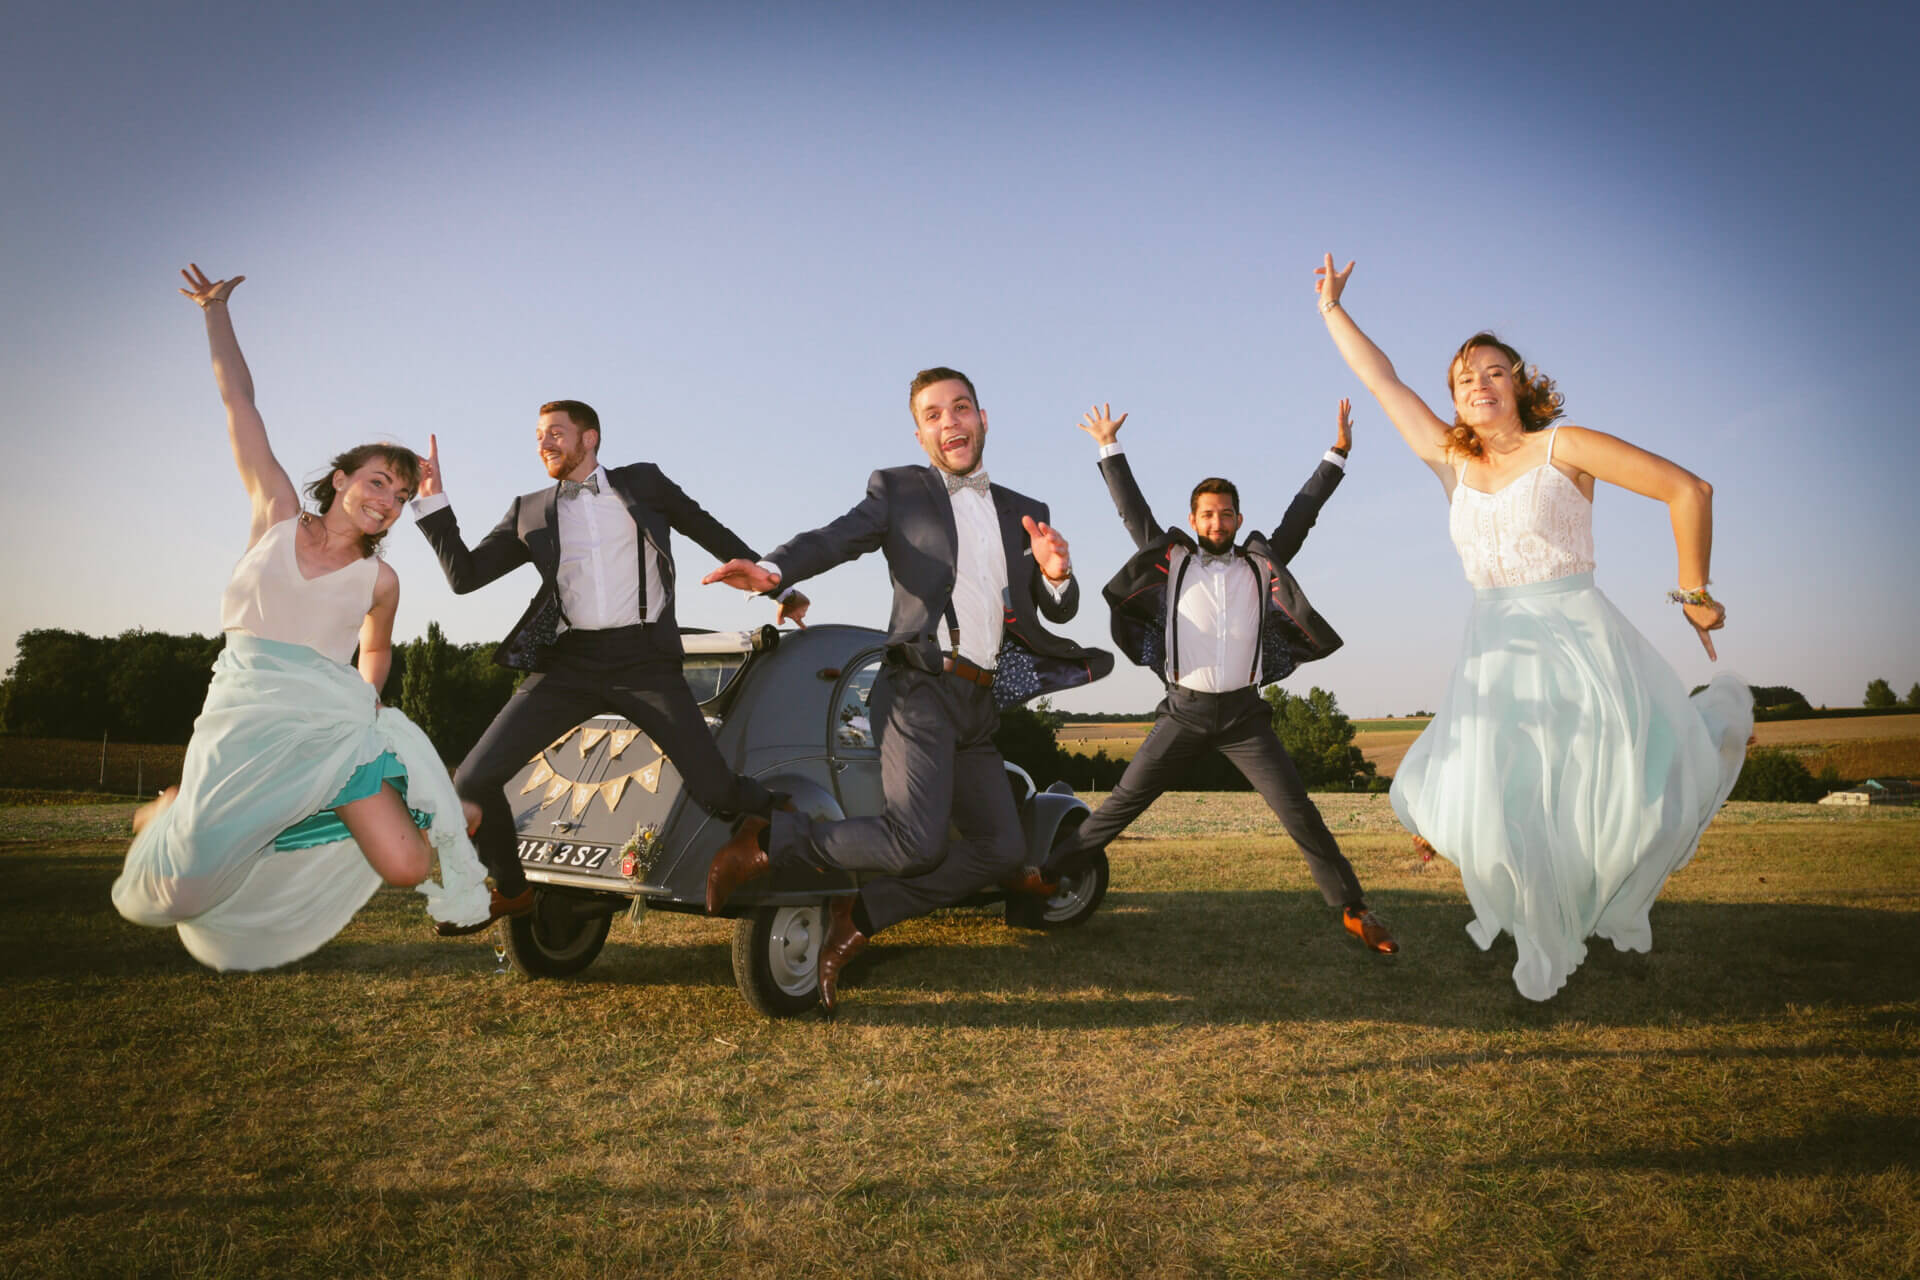 Invités fou et aussi franche rigolade entre ami - photographe de mariage en Charente